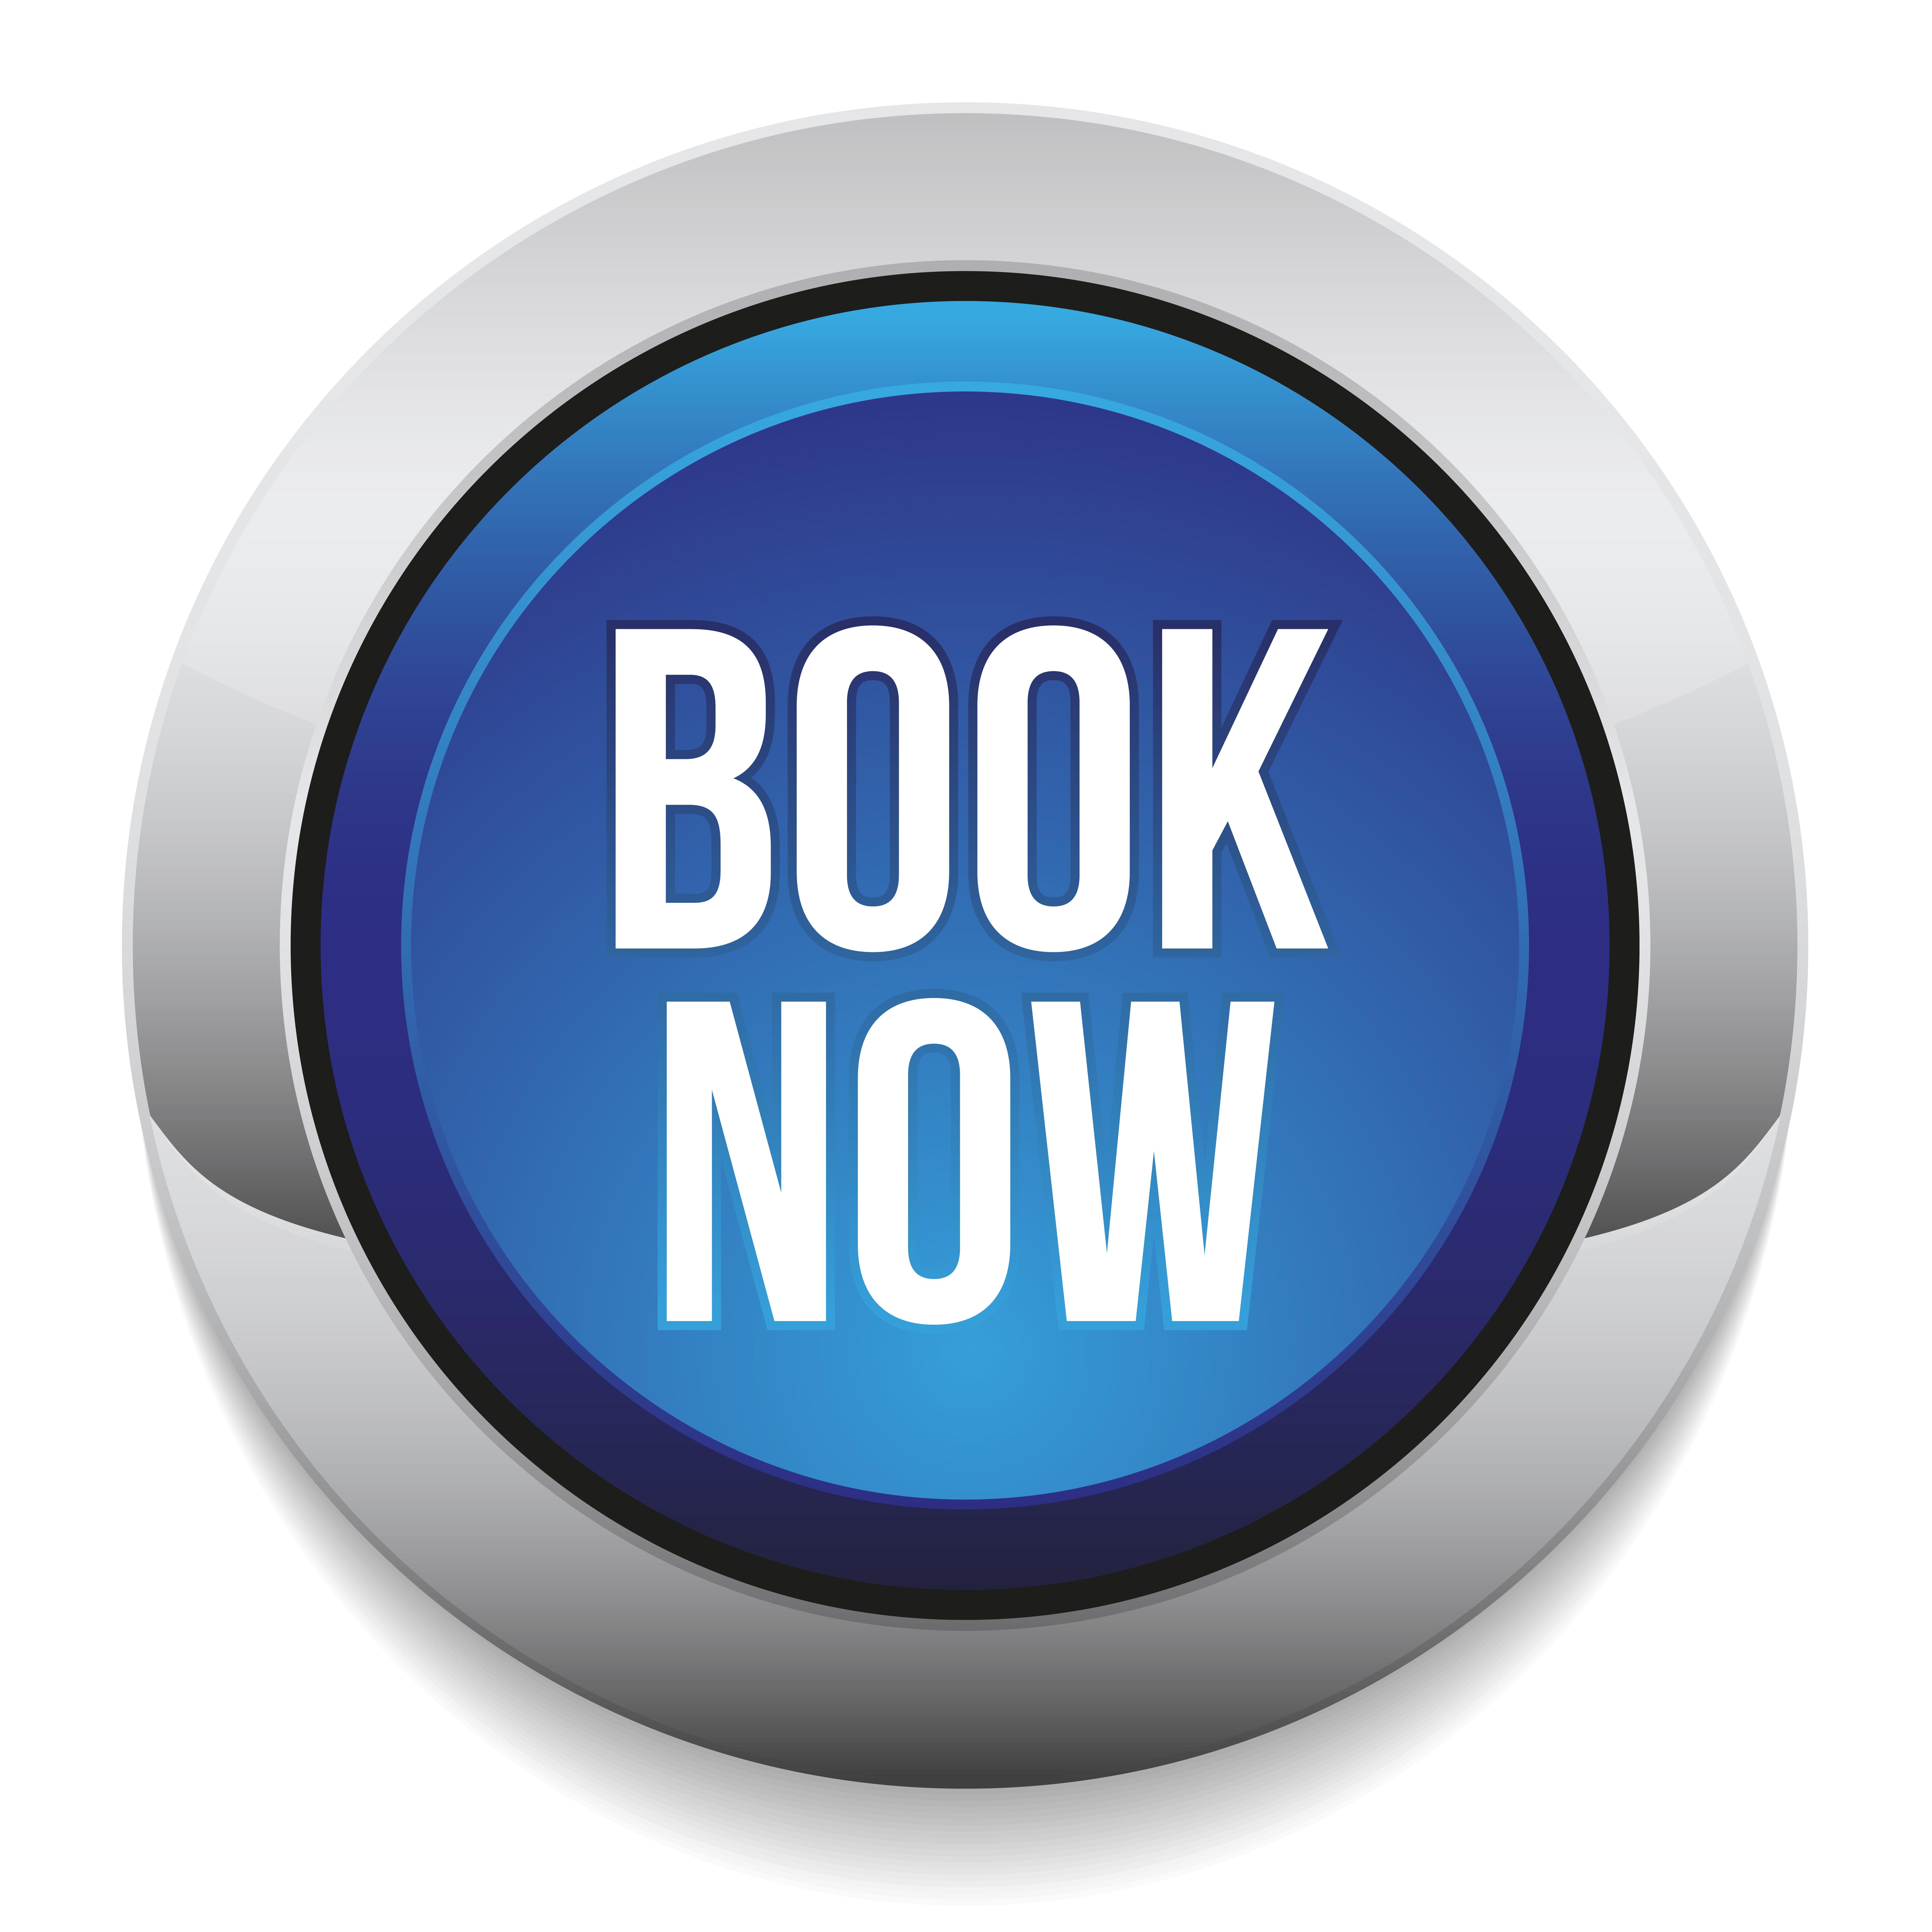 497cc5d9de90ac35d199a5542b7ad190 online booking